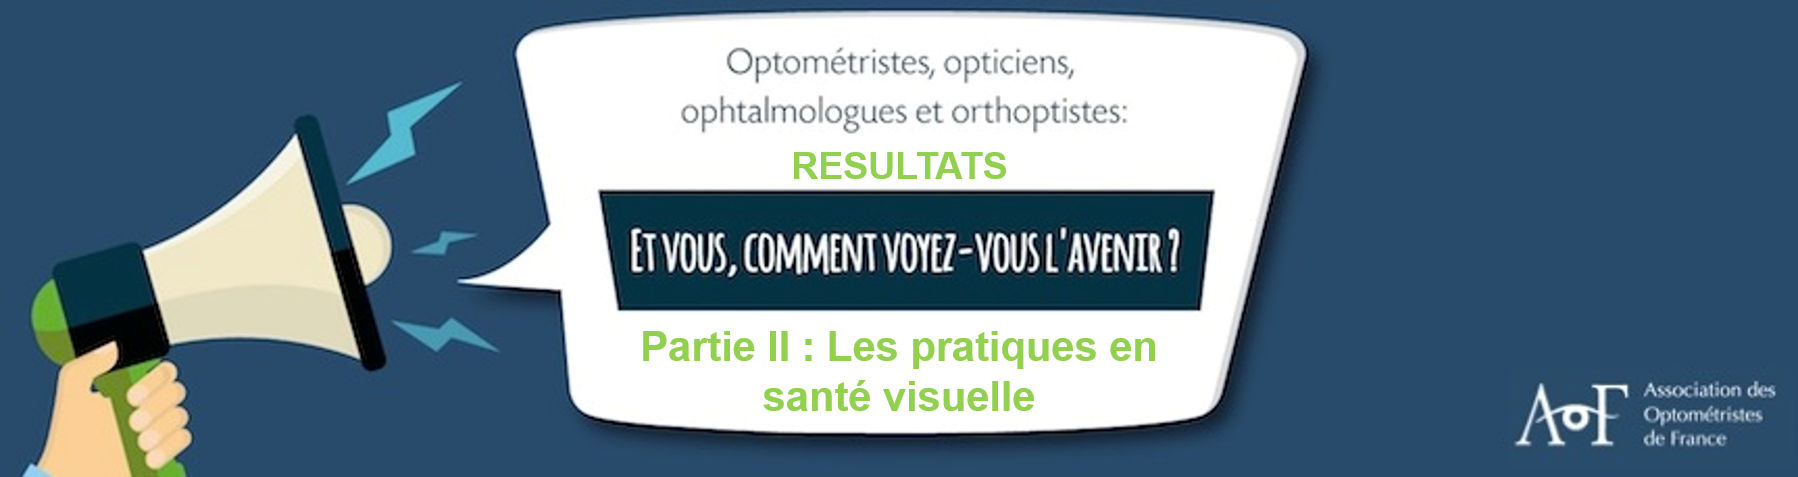 RÉSULTATS : Les pratiques en santé visuelle -